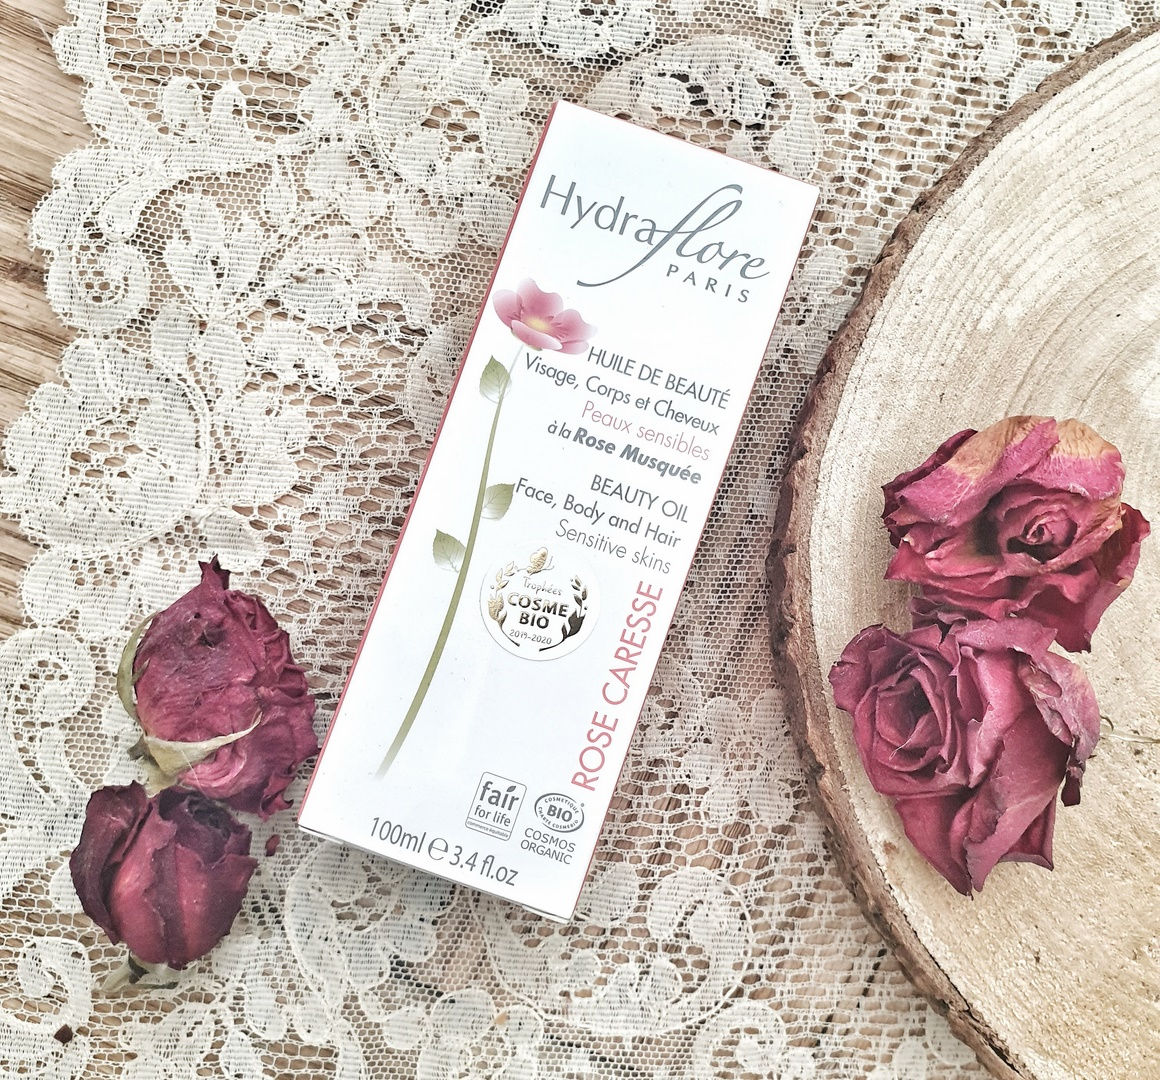 Huile de beauté à la Rose Musquée Hydraflore